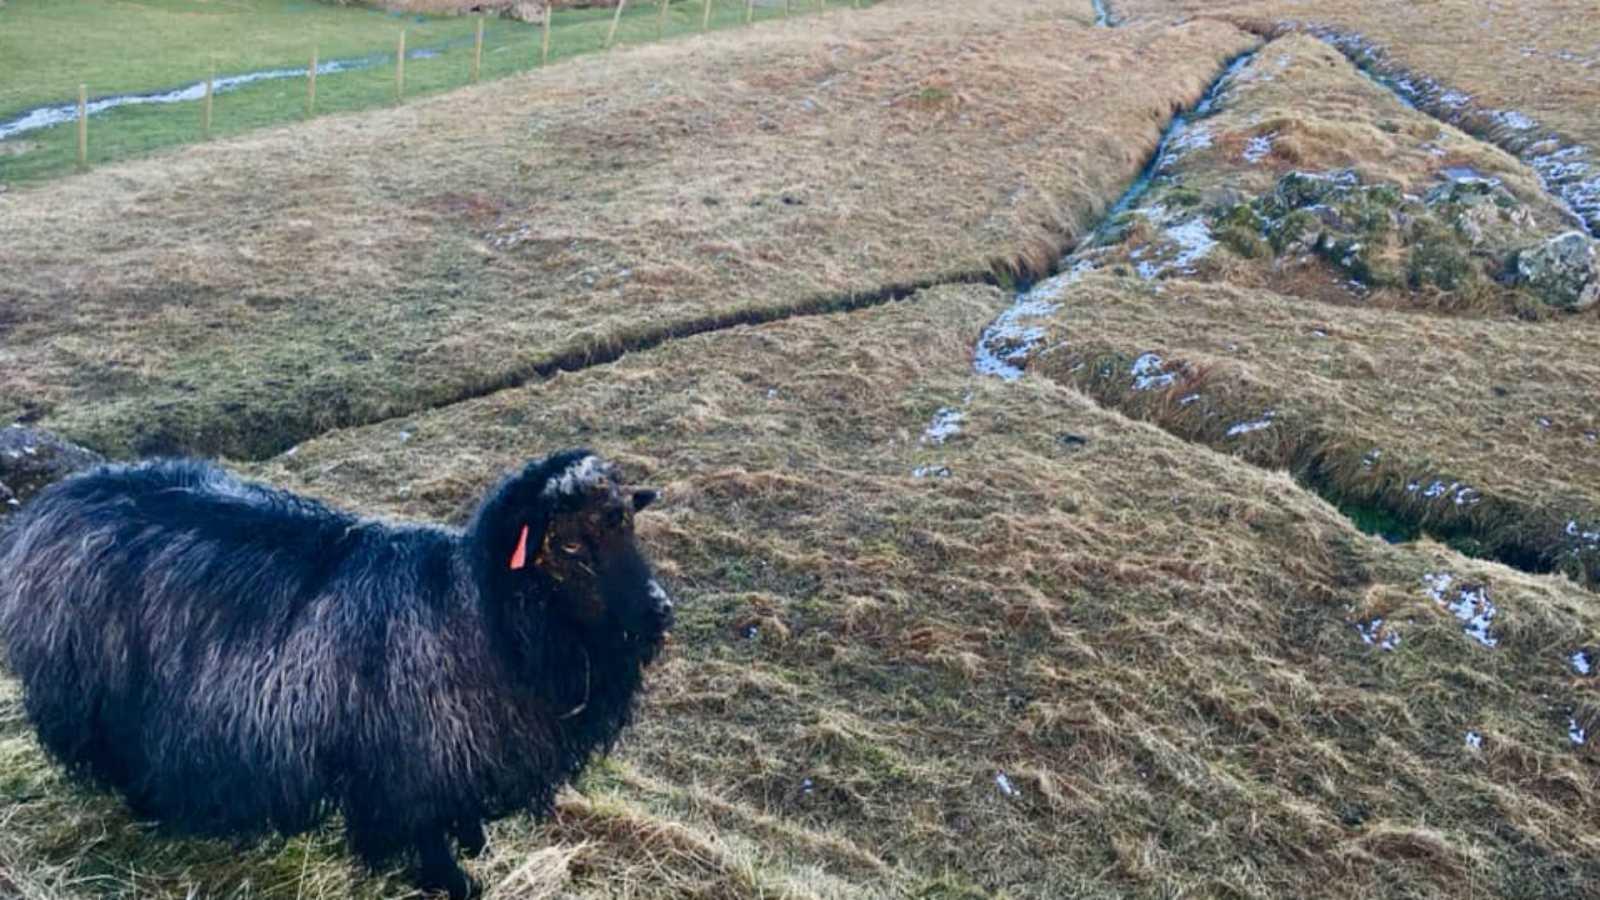 Global 5 - Islas Feroe (I): irlandeses y ovejas, primeros habitantes - 03/11/20 - Escuchar ahora